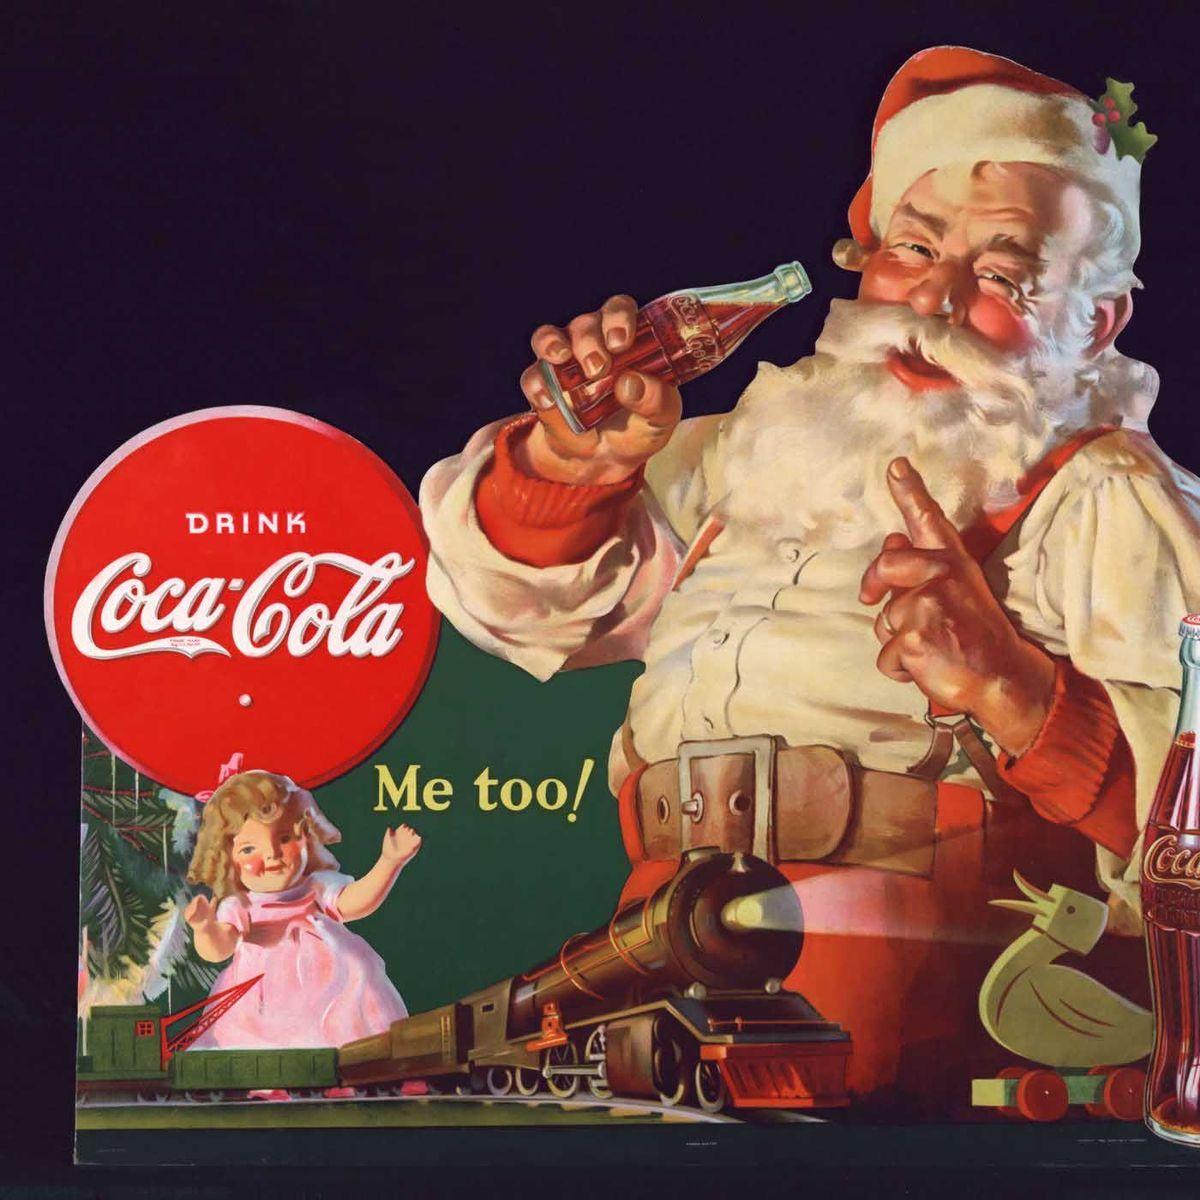 Weihnachtsmann: Wirklich Eine Erfindung Von Coca Cola? - Der in Welche Farbe Hatte Das Gewand Des Weihnachtsmanns Ursprünglich